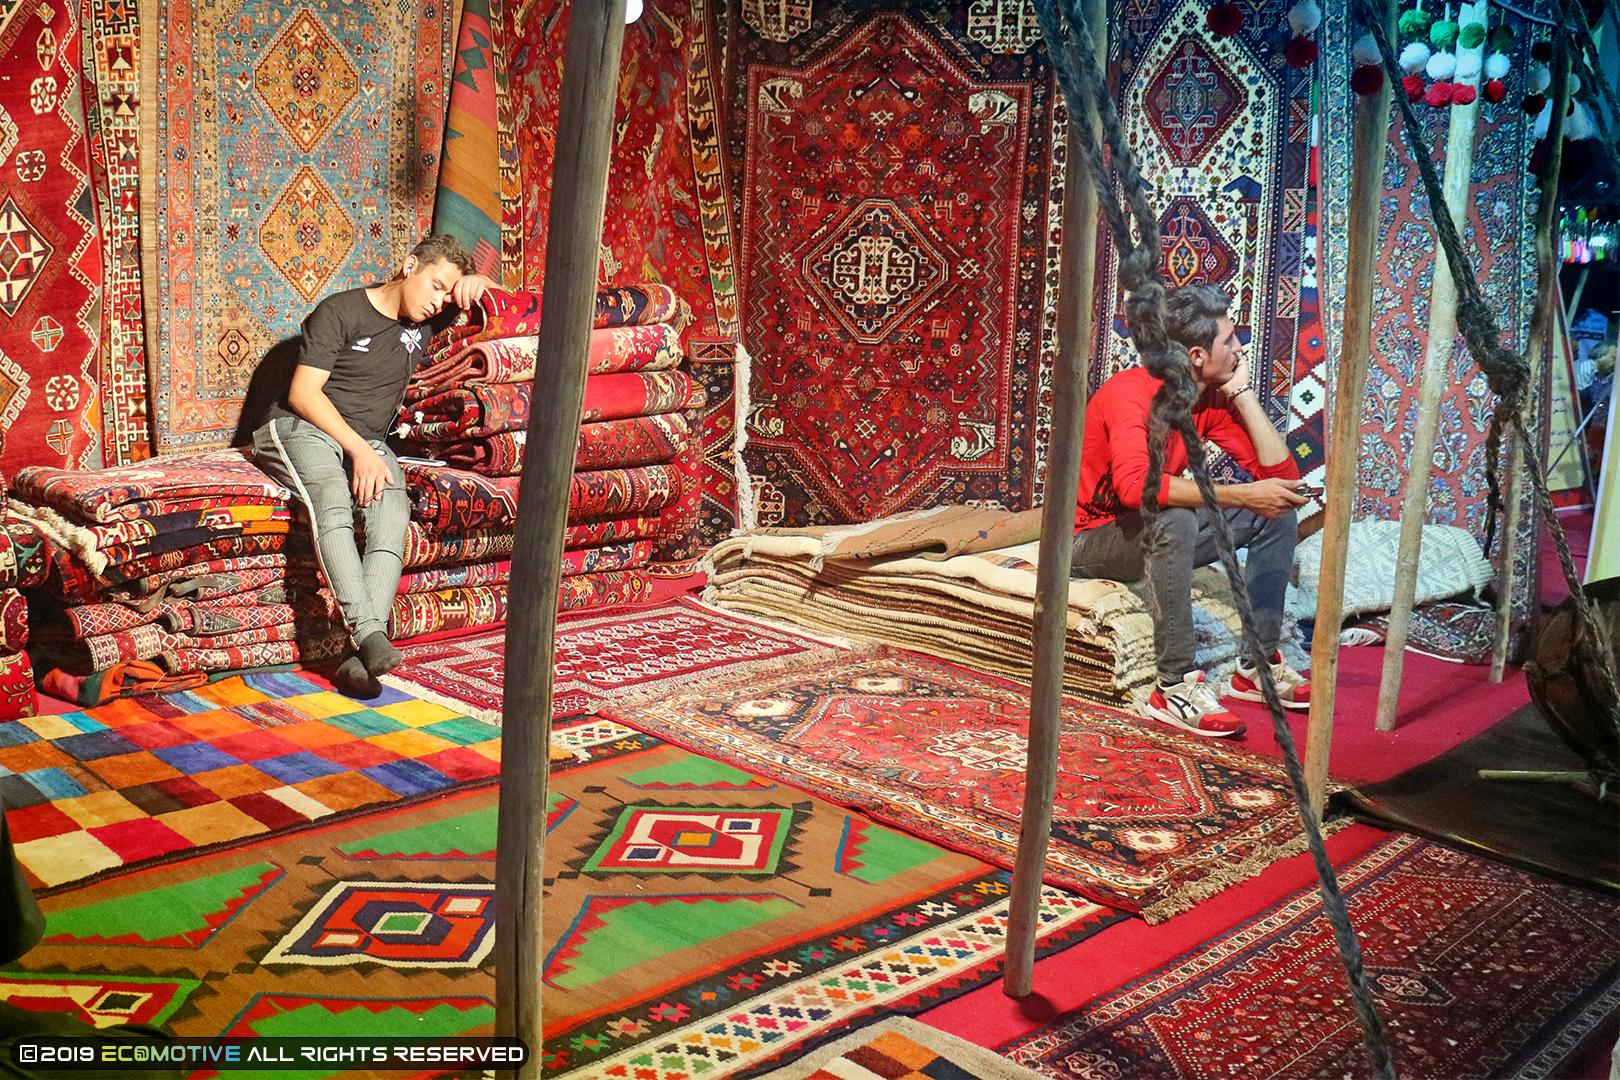 نمایی از فرش های زیبا در نمایشگاه توانمندیهای روستاییان و عشایر